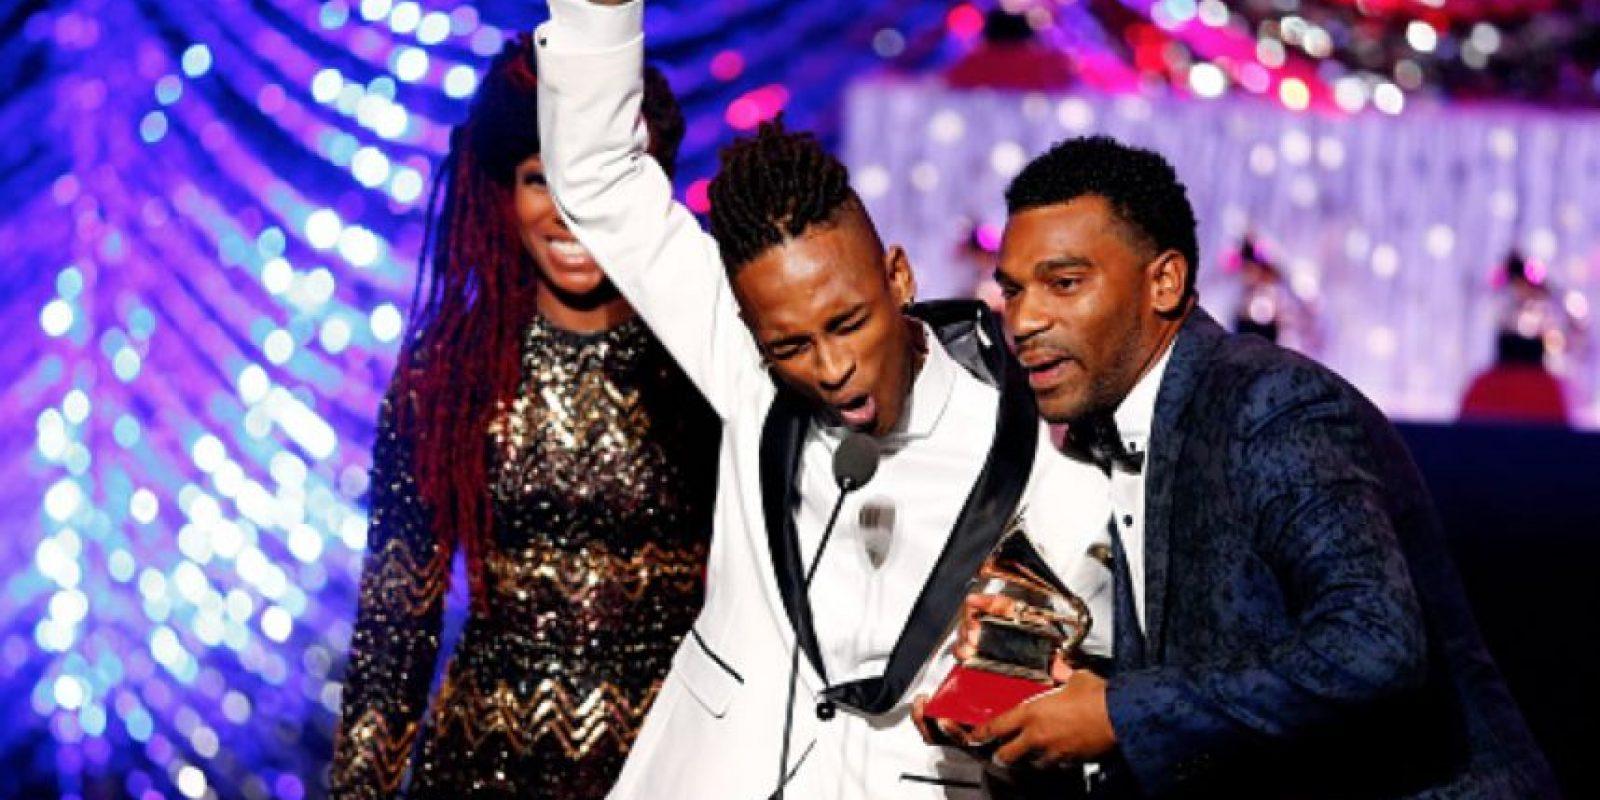 """El grupo colombiano Choquibtown ganó por """"Mejor Álbum de Fusión Tropical"""". Foto:vía Getty Images"""